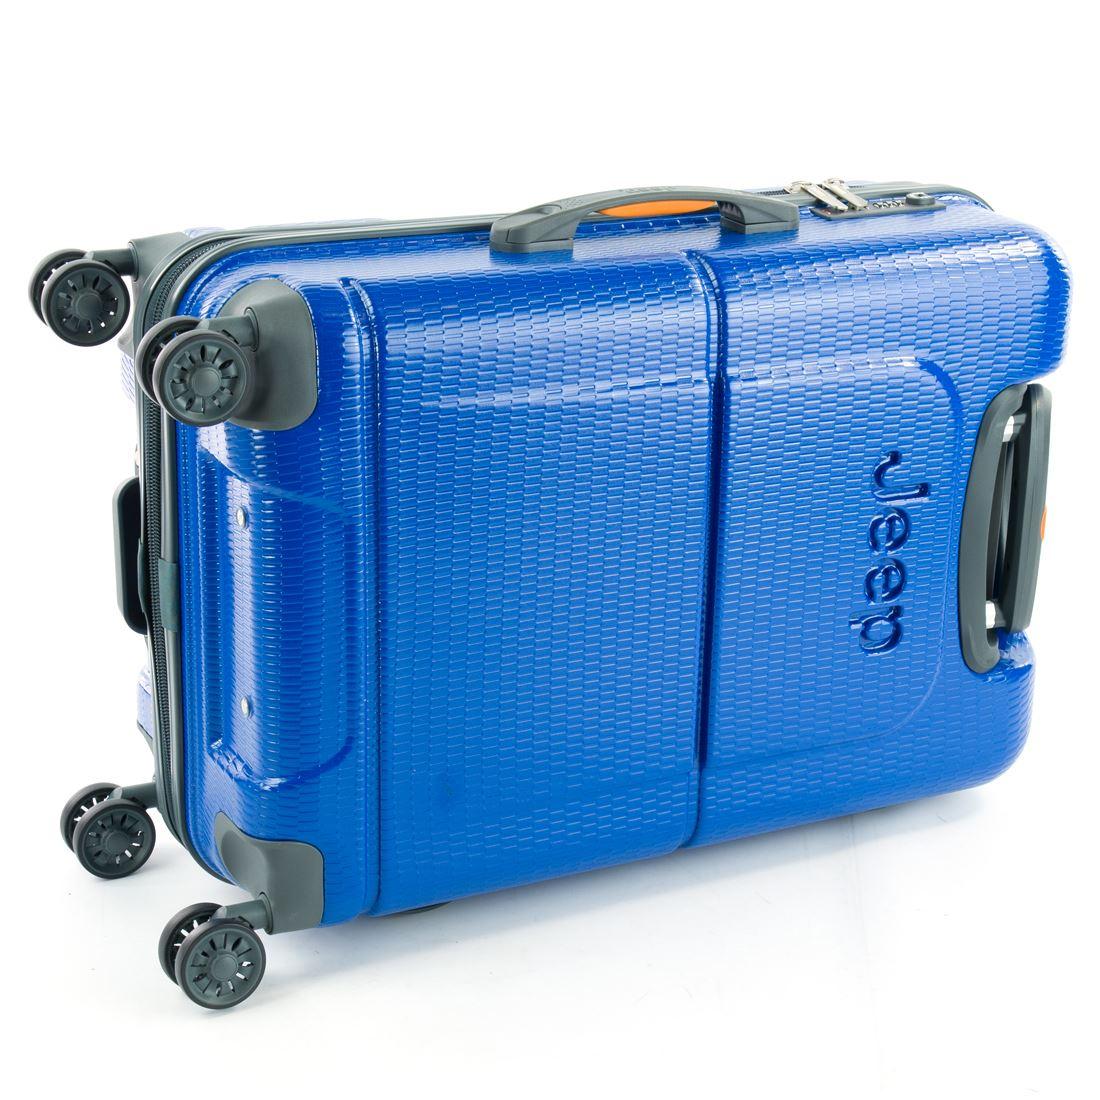 042e1b3151 Jeep Dune 4 Wheel Large / Medium / Cabin Hardside Suitcase | eBay